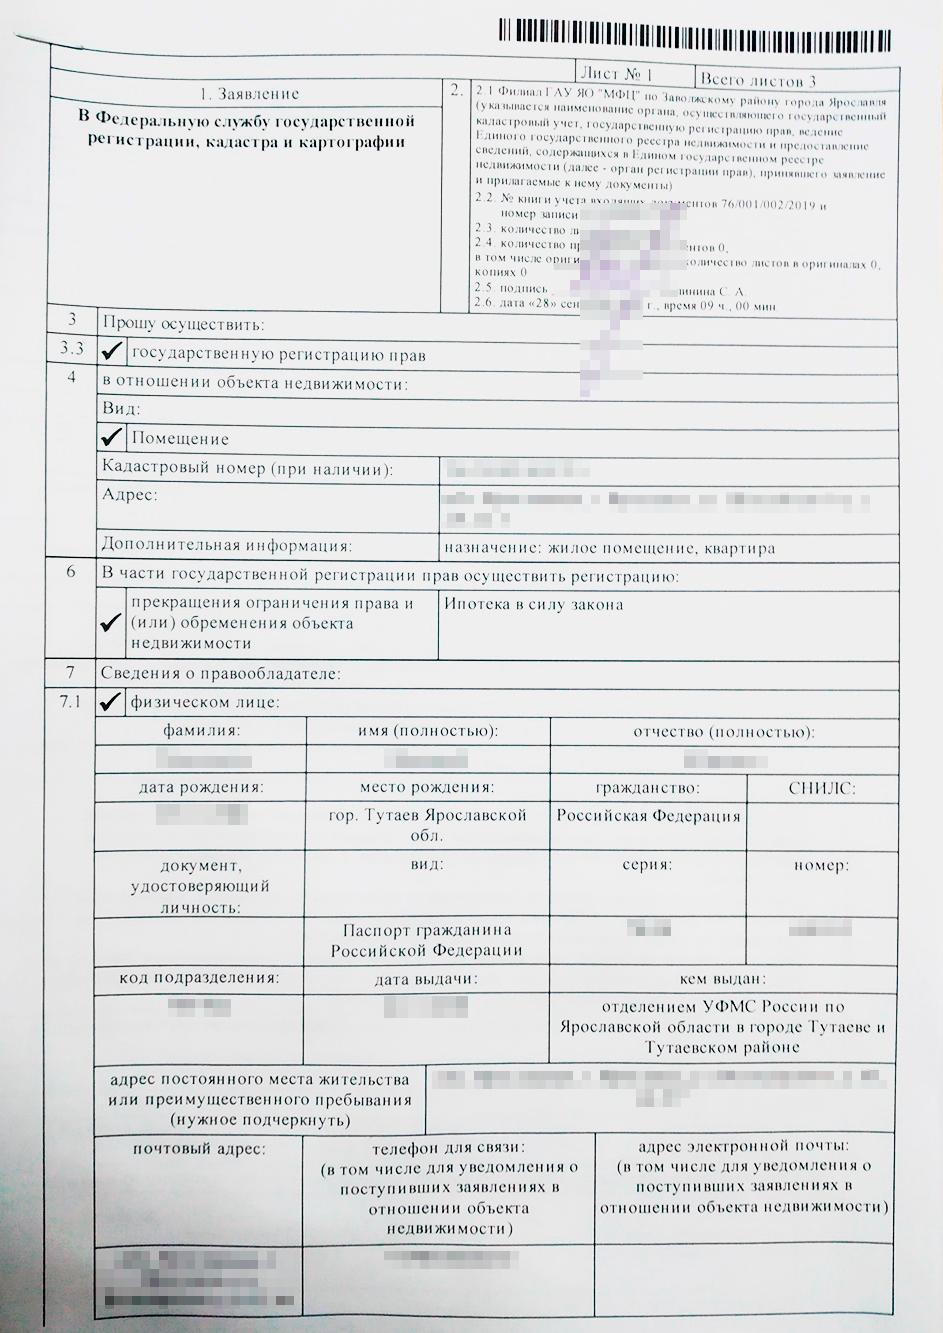 То, что обременение можно снять, указывают в пункте 6 заявления. Его составляют прямо в МФЦ